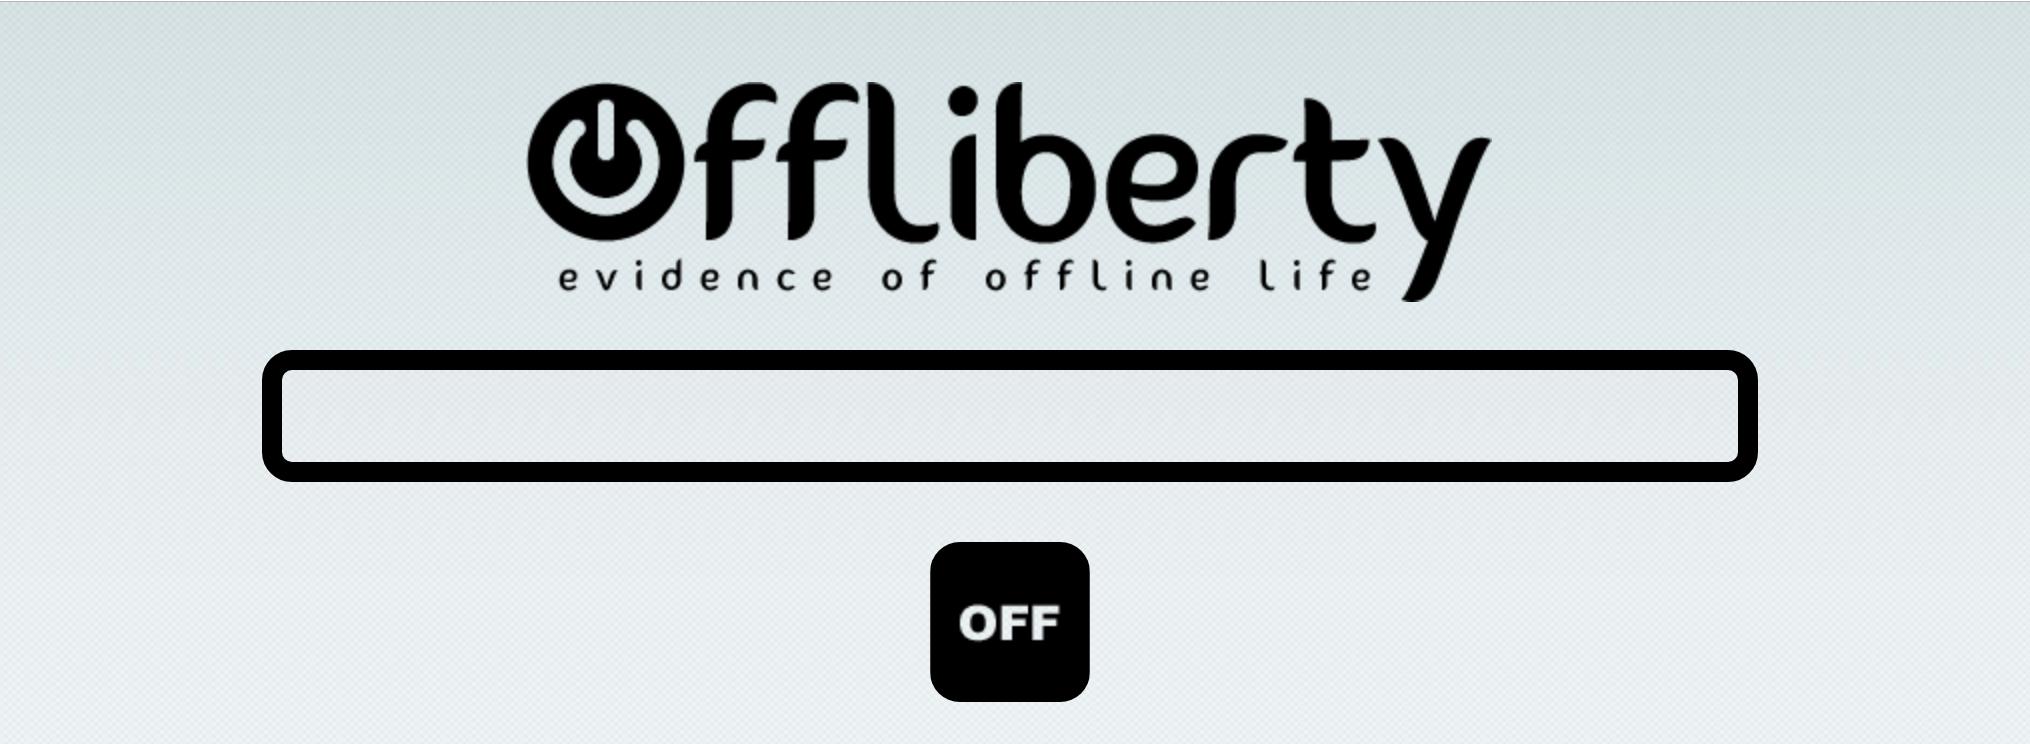 ダウンロード できない Offliberty